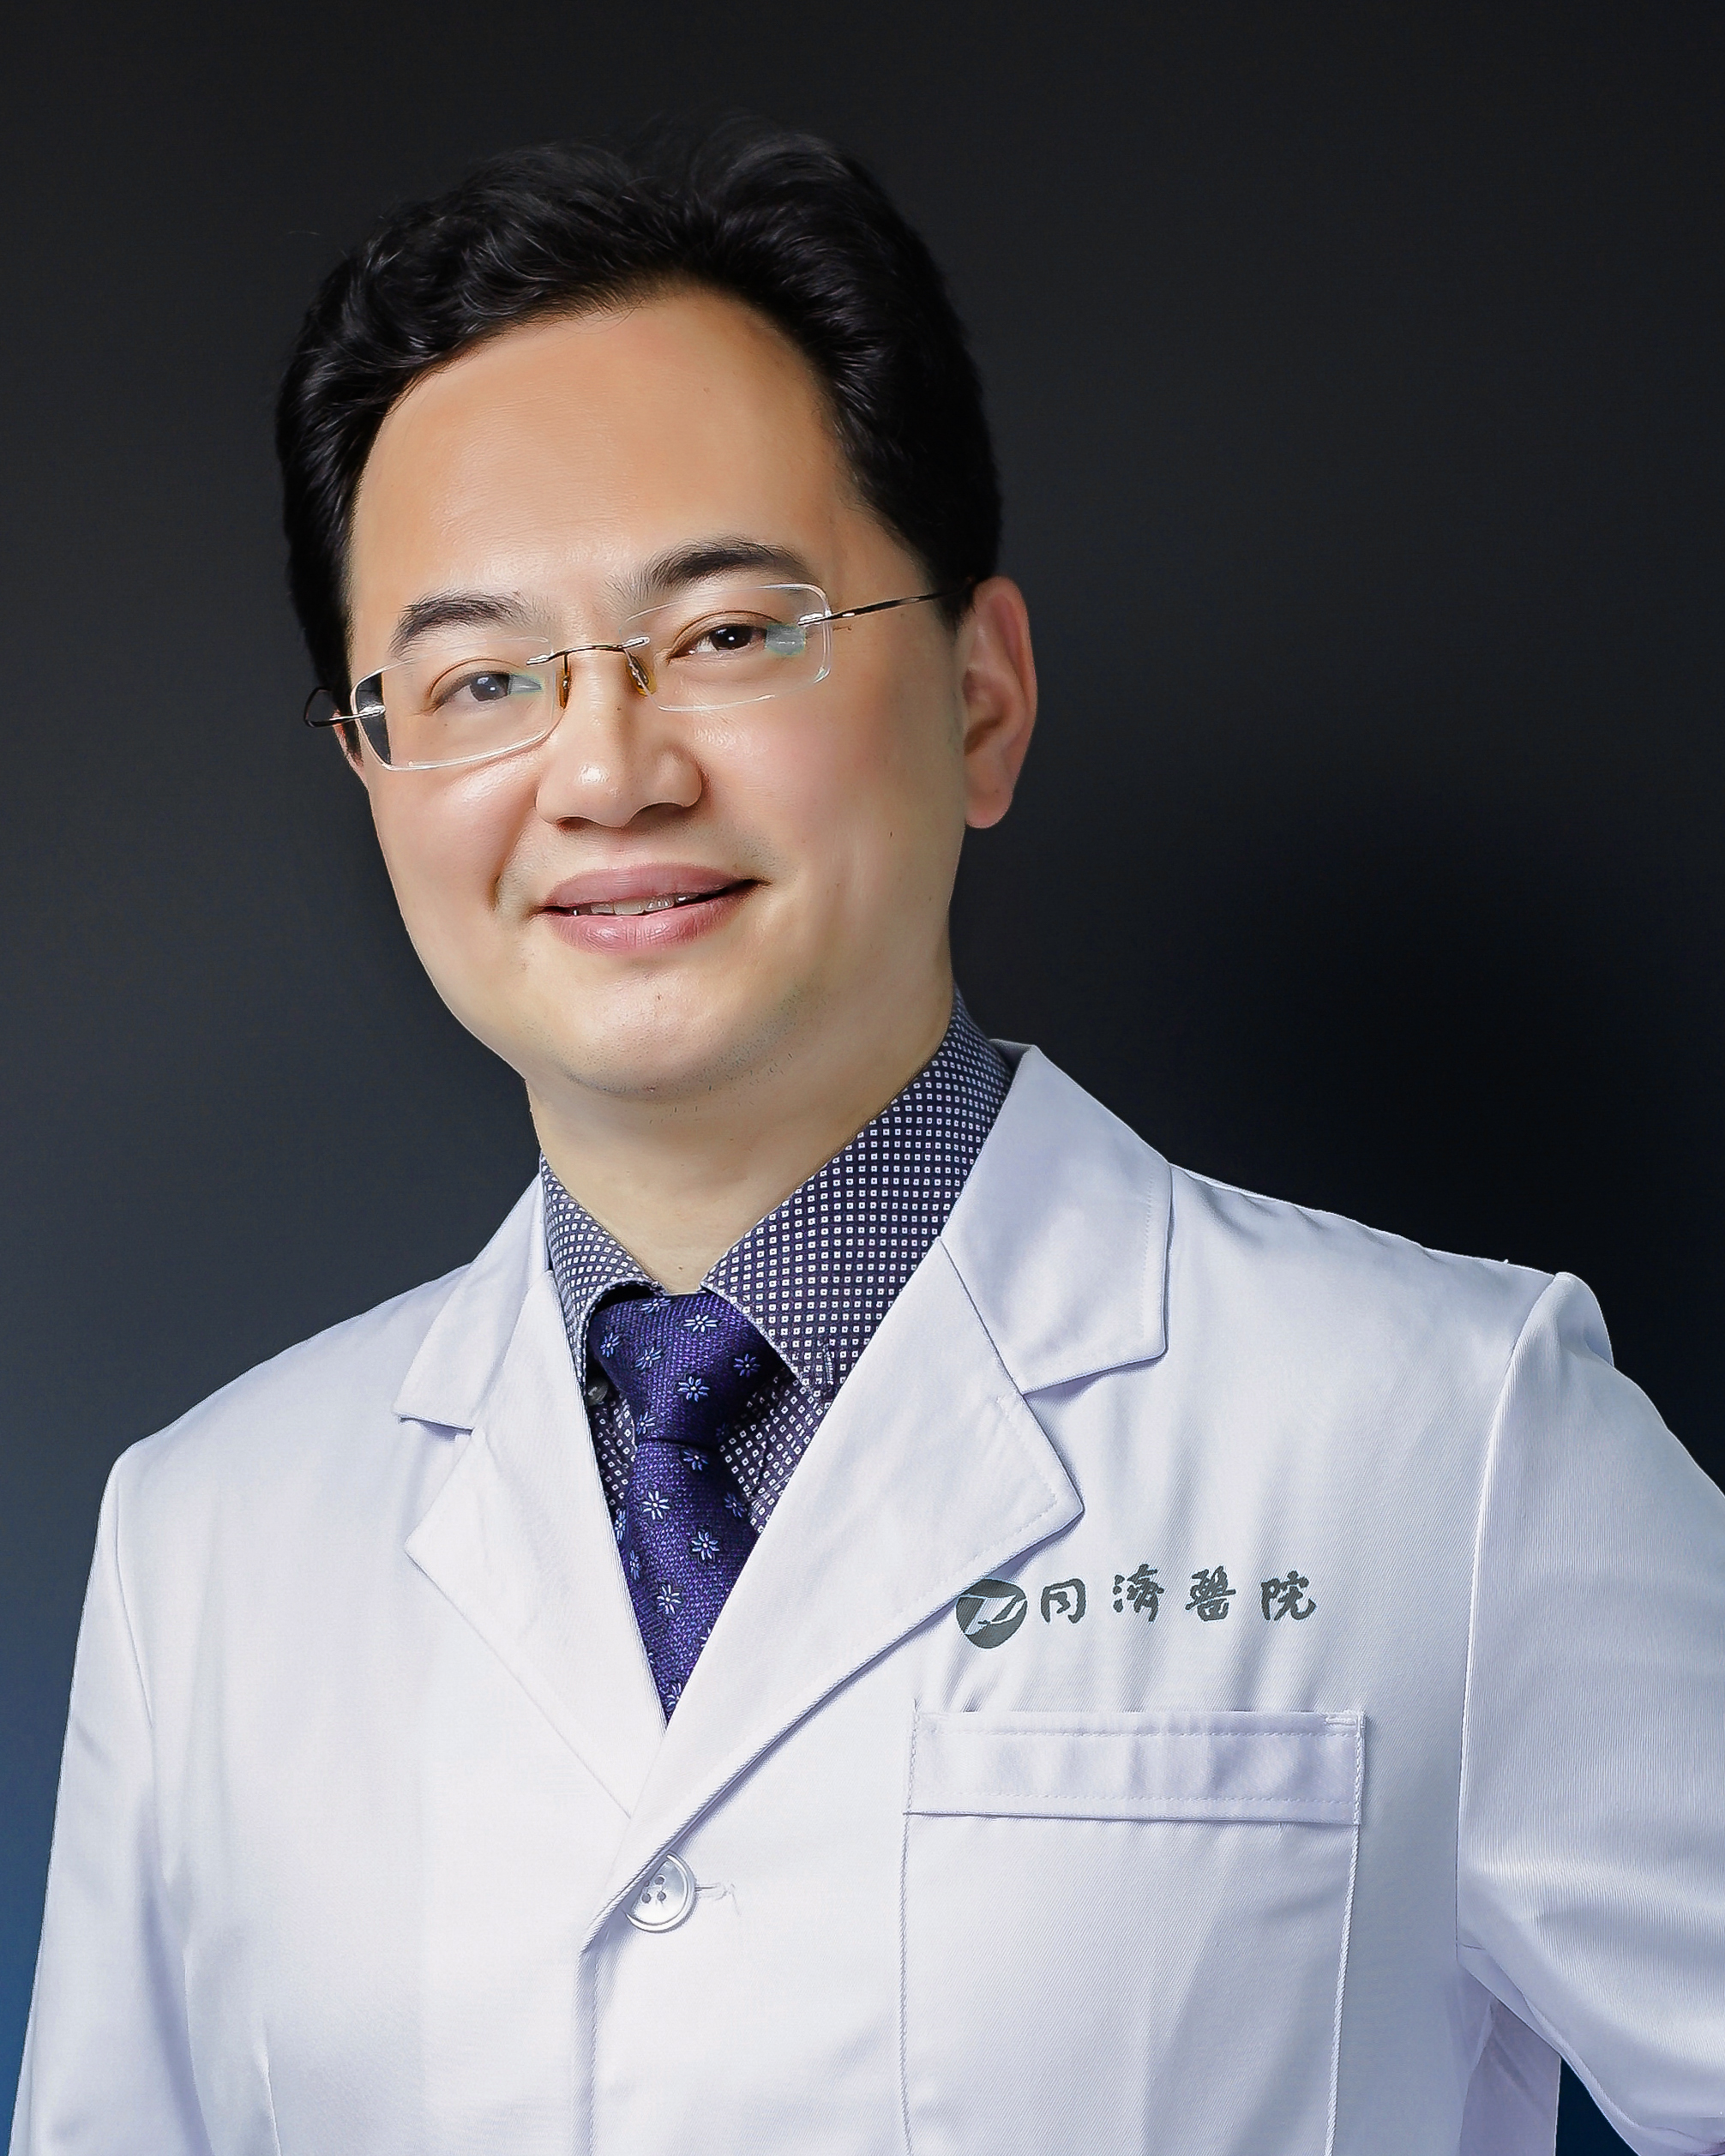 华中科技大学附属同济医院感染科副主任郭威